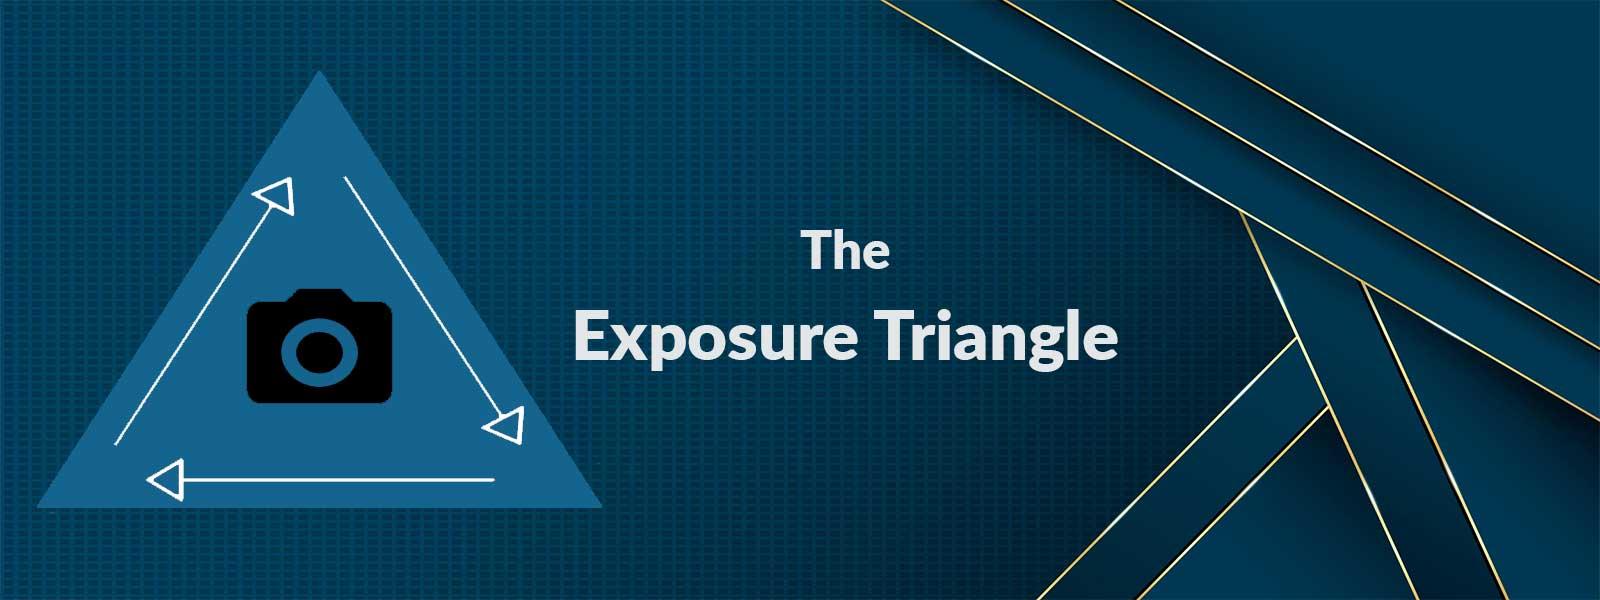 عکس بنر مقاله مثلث نوردهی در عکاسی